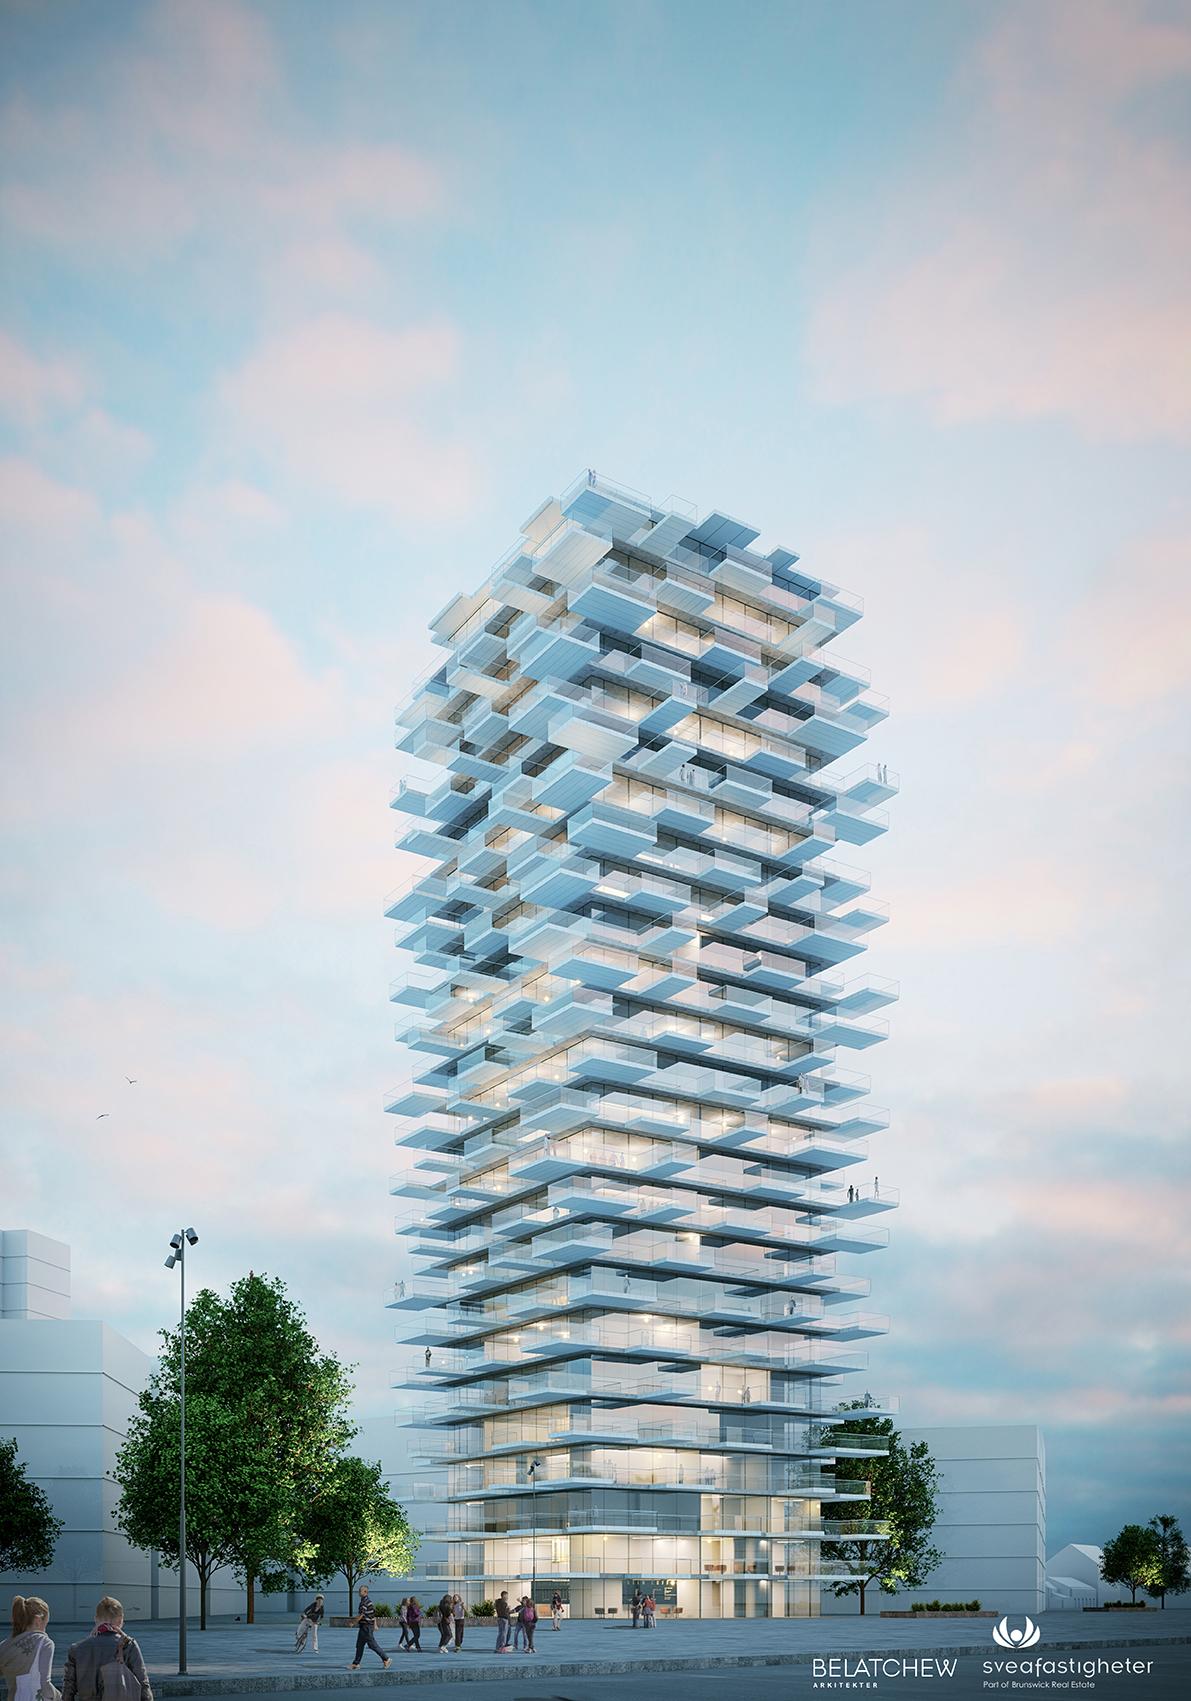 FRAGMENT by Belatchew Arkitekter